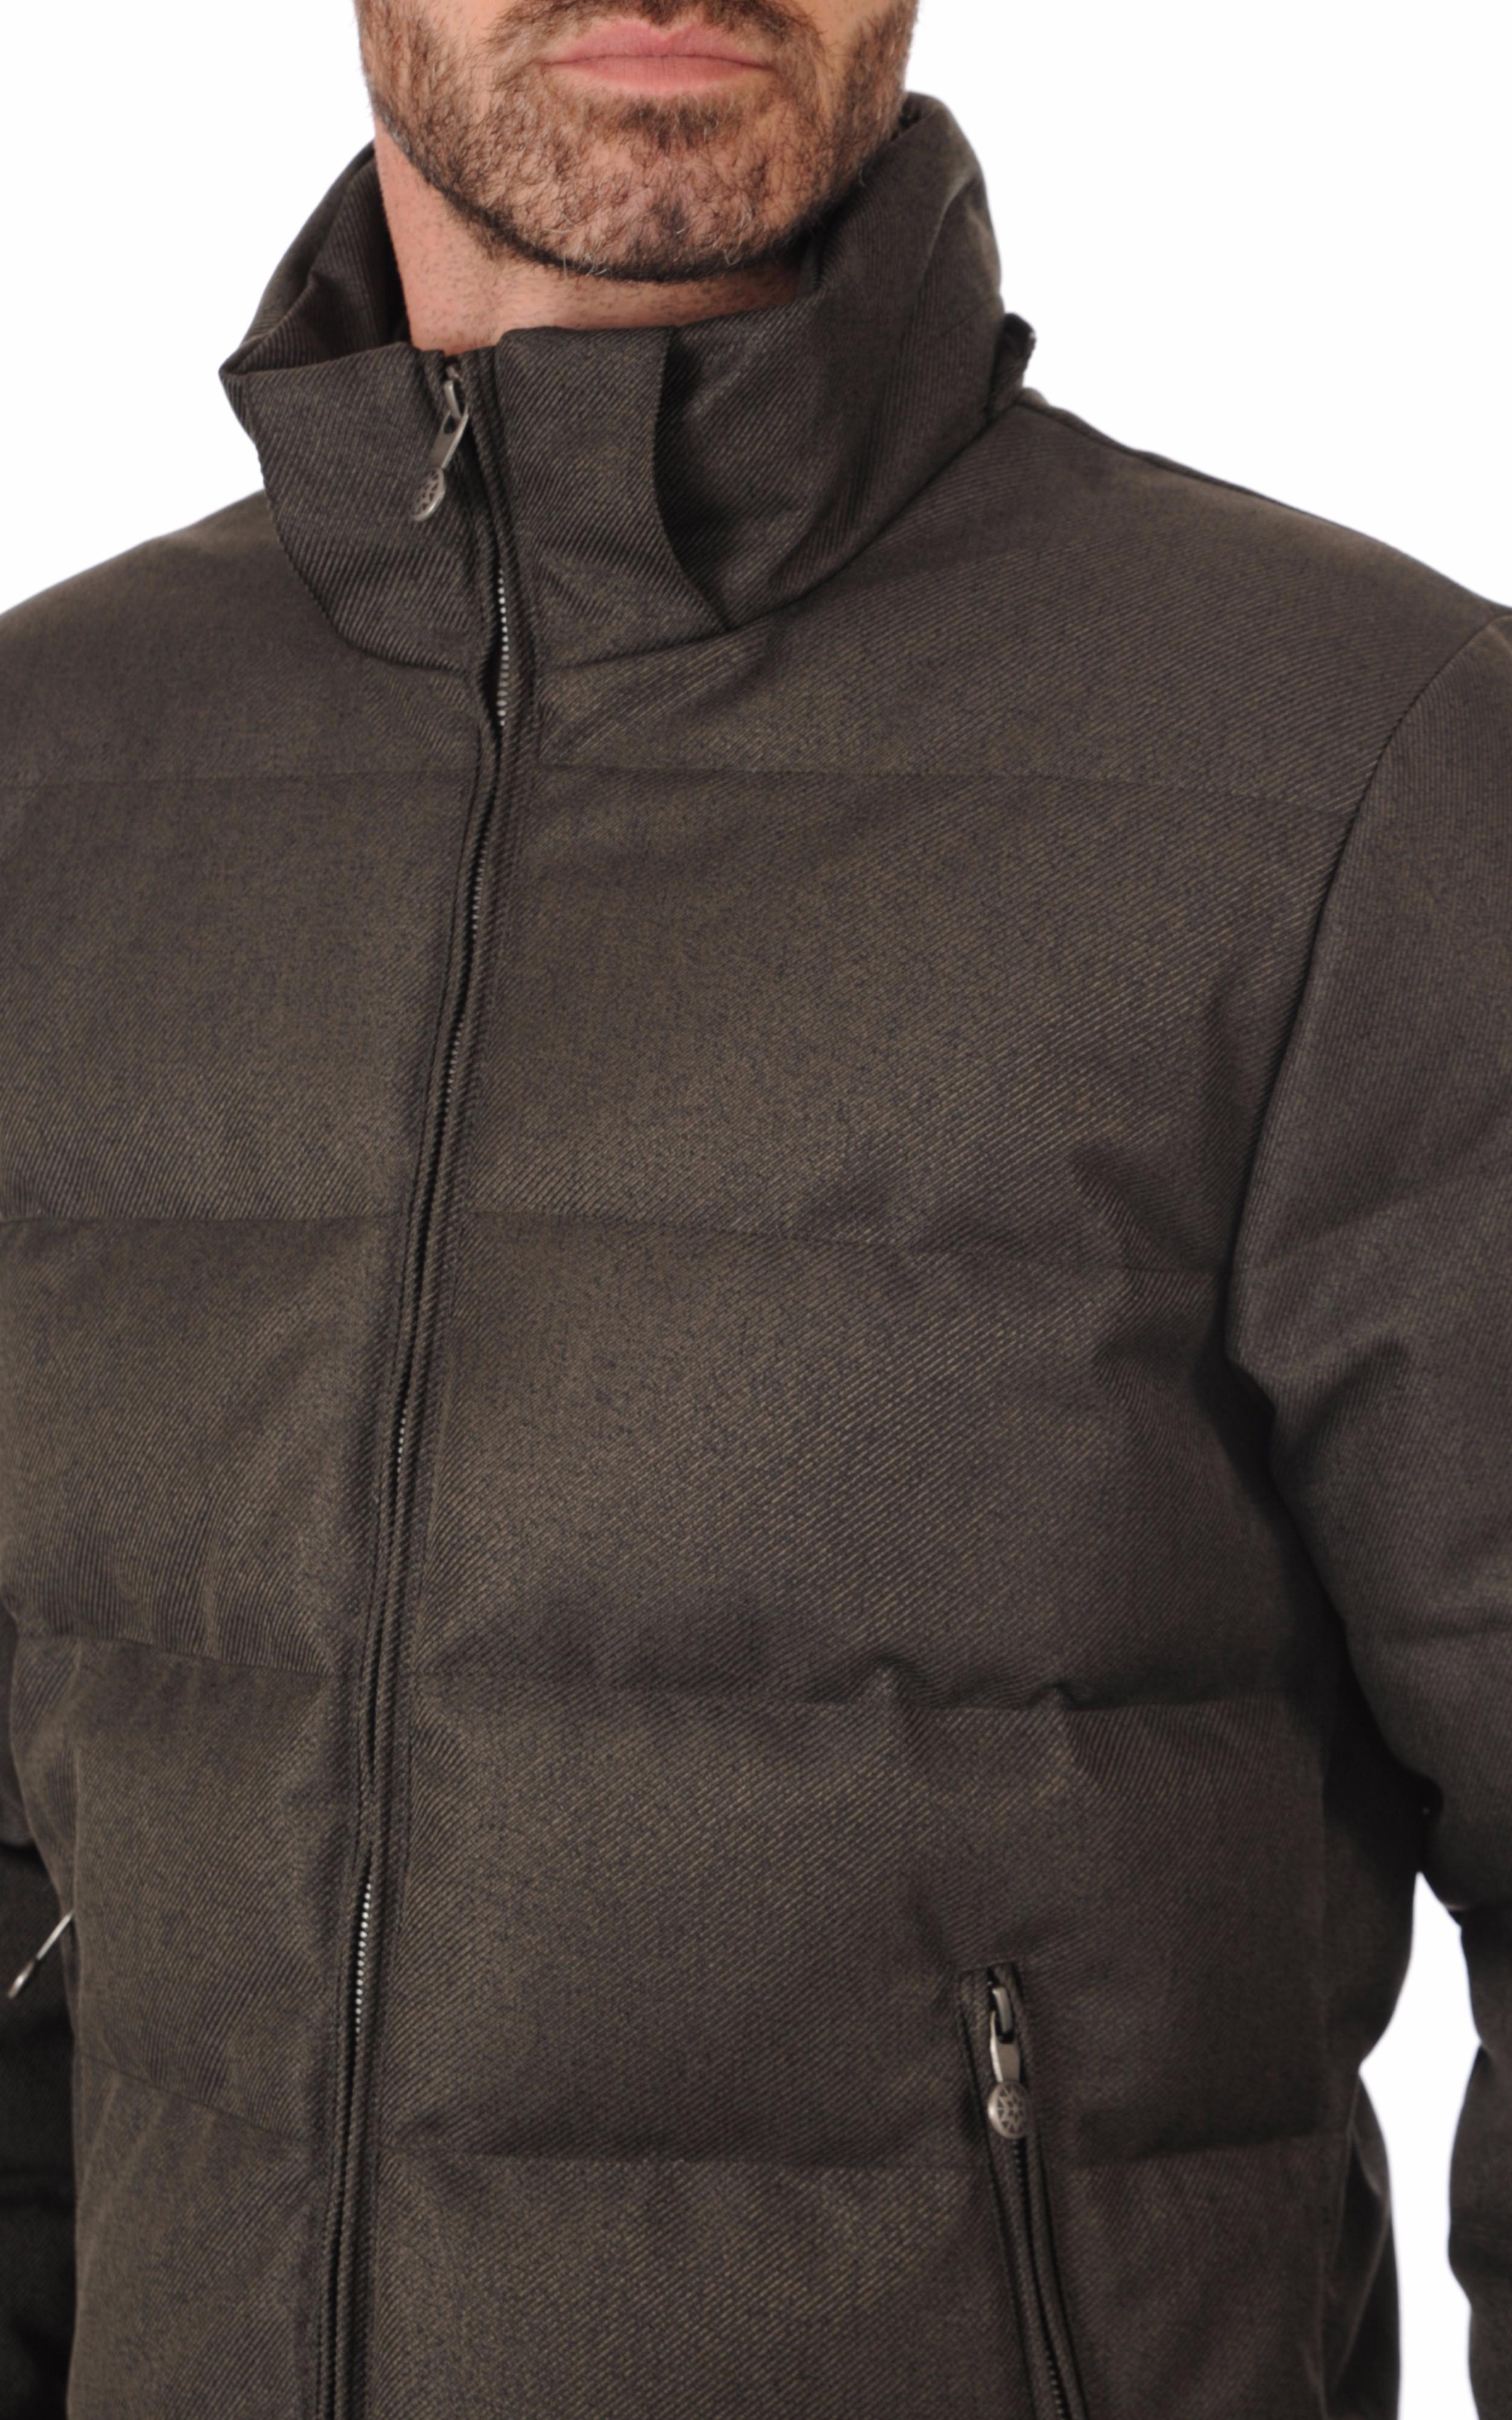 Doudoune Spoutnic Jacket Military Pyrenex